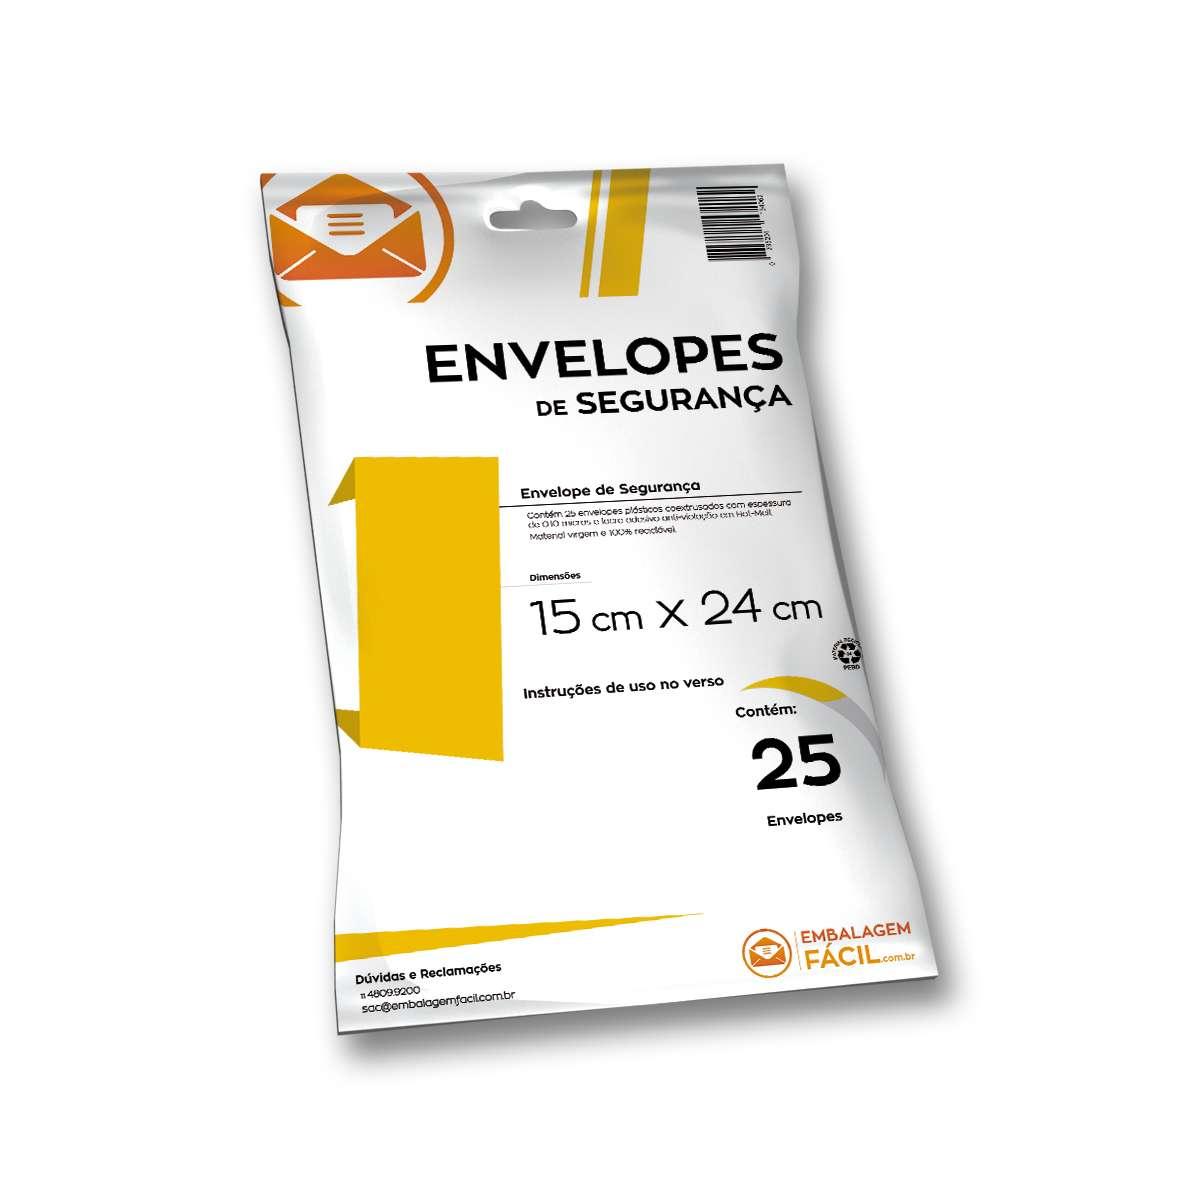 ee1c956ca Envelope Plástico de Segurança 15 x 24 cm - 25 unidades